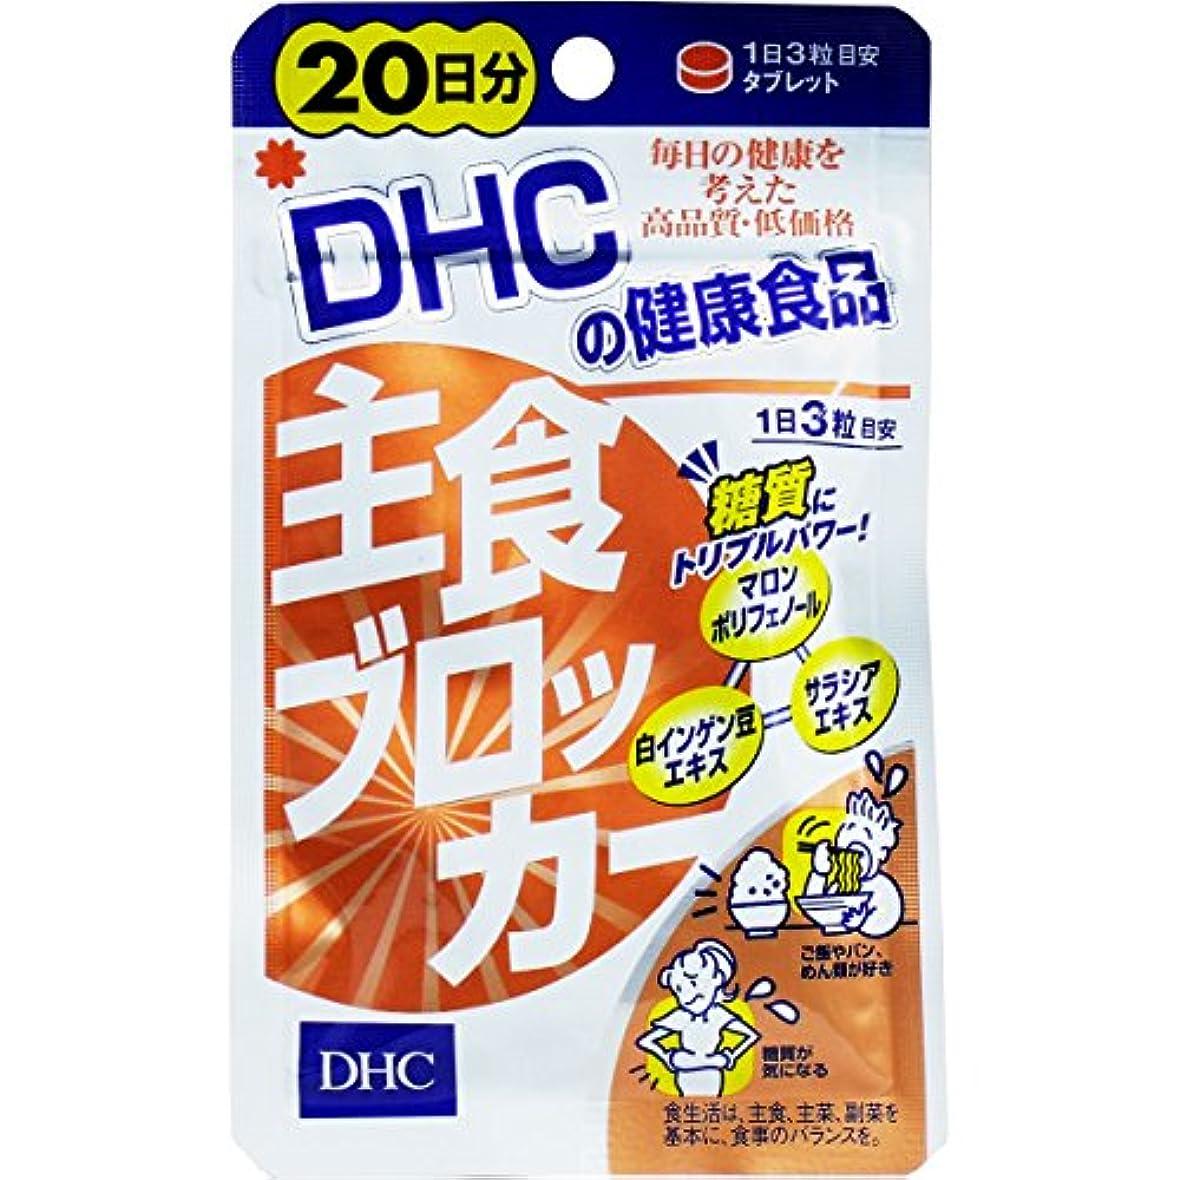 ダイエット トリプルパワーでため込み対策 栄養機能食品 DHC 主食ブロッカー 20日分 60粒入【4個セット】